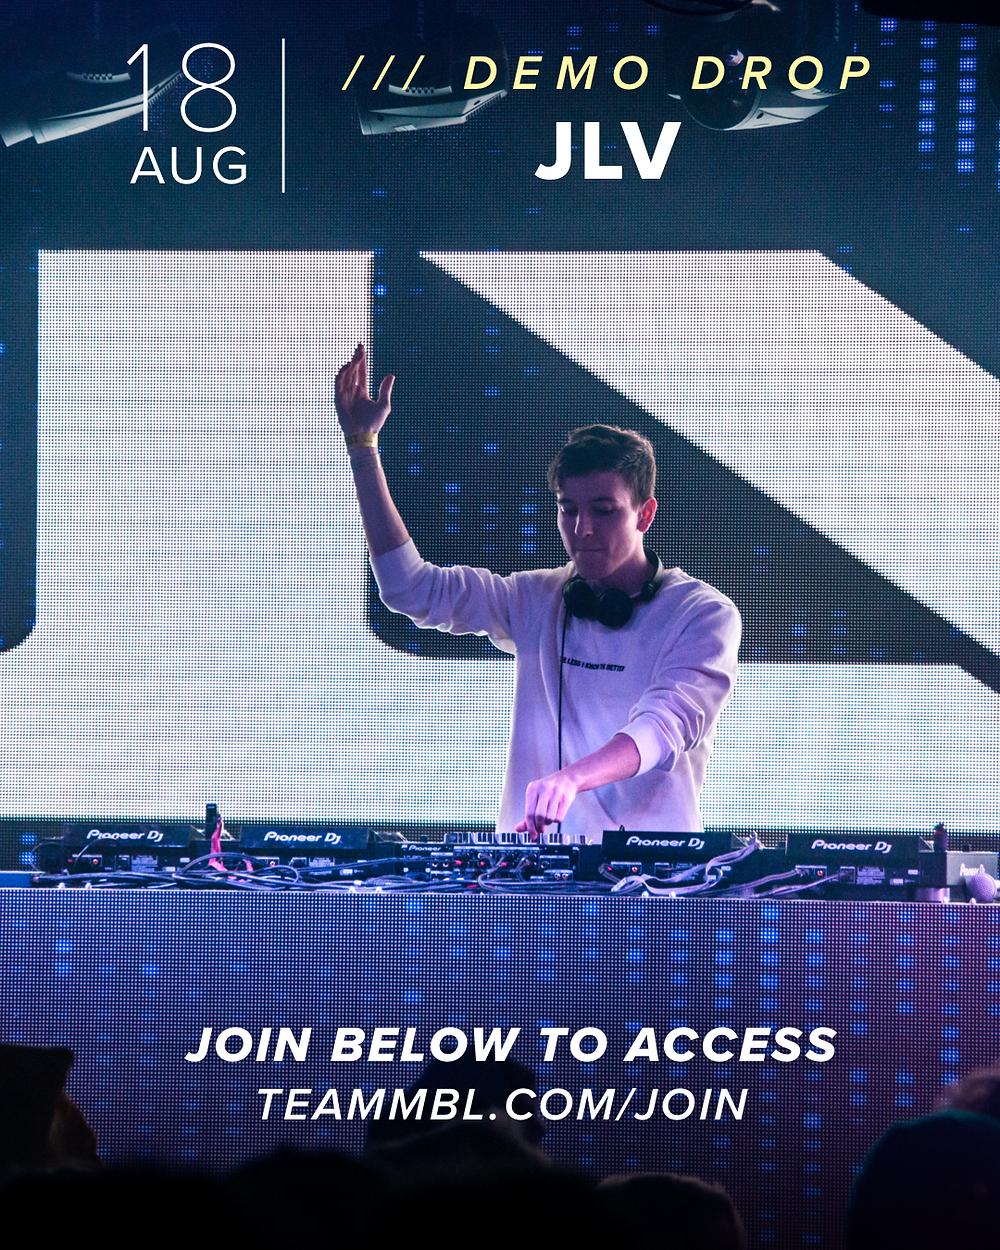 JLV (Hexagon) Demo Drop